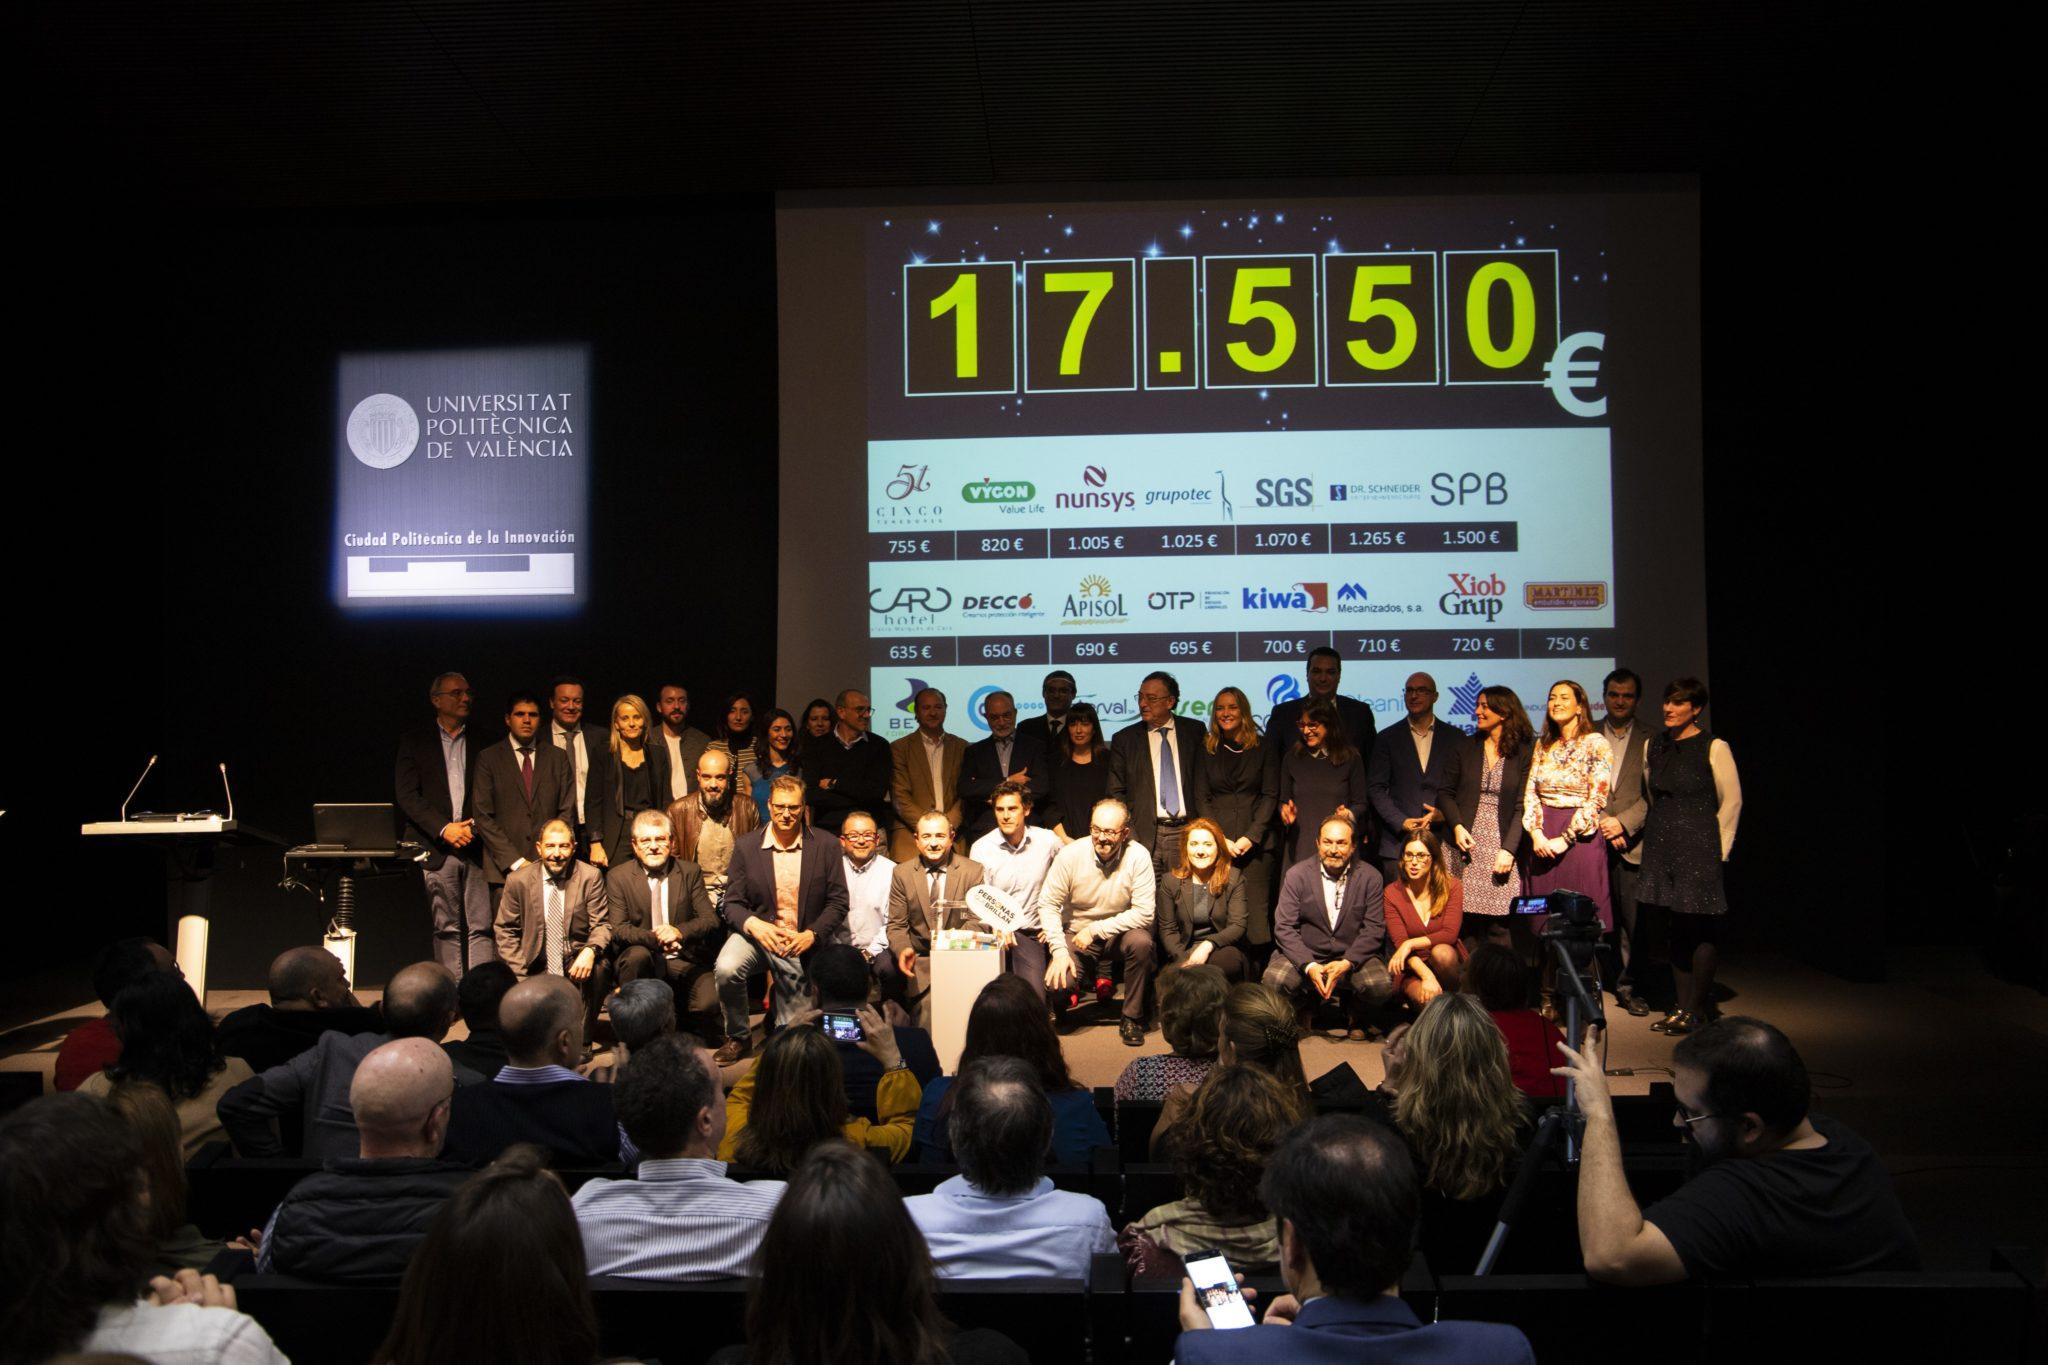 Grupotec participates in 'Personas que Brillan' II Solidarity Gala